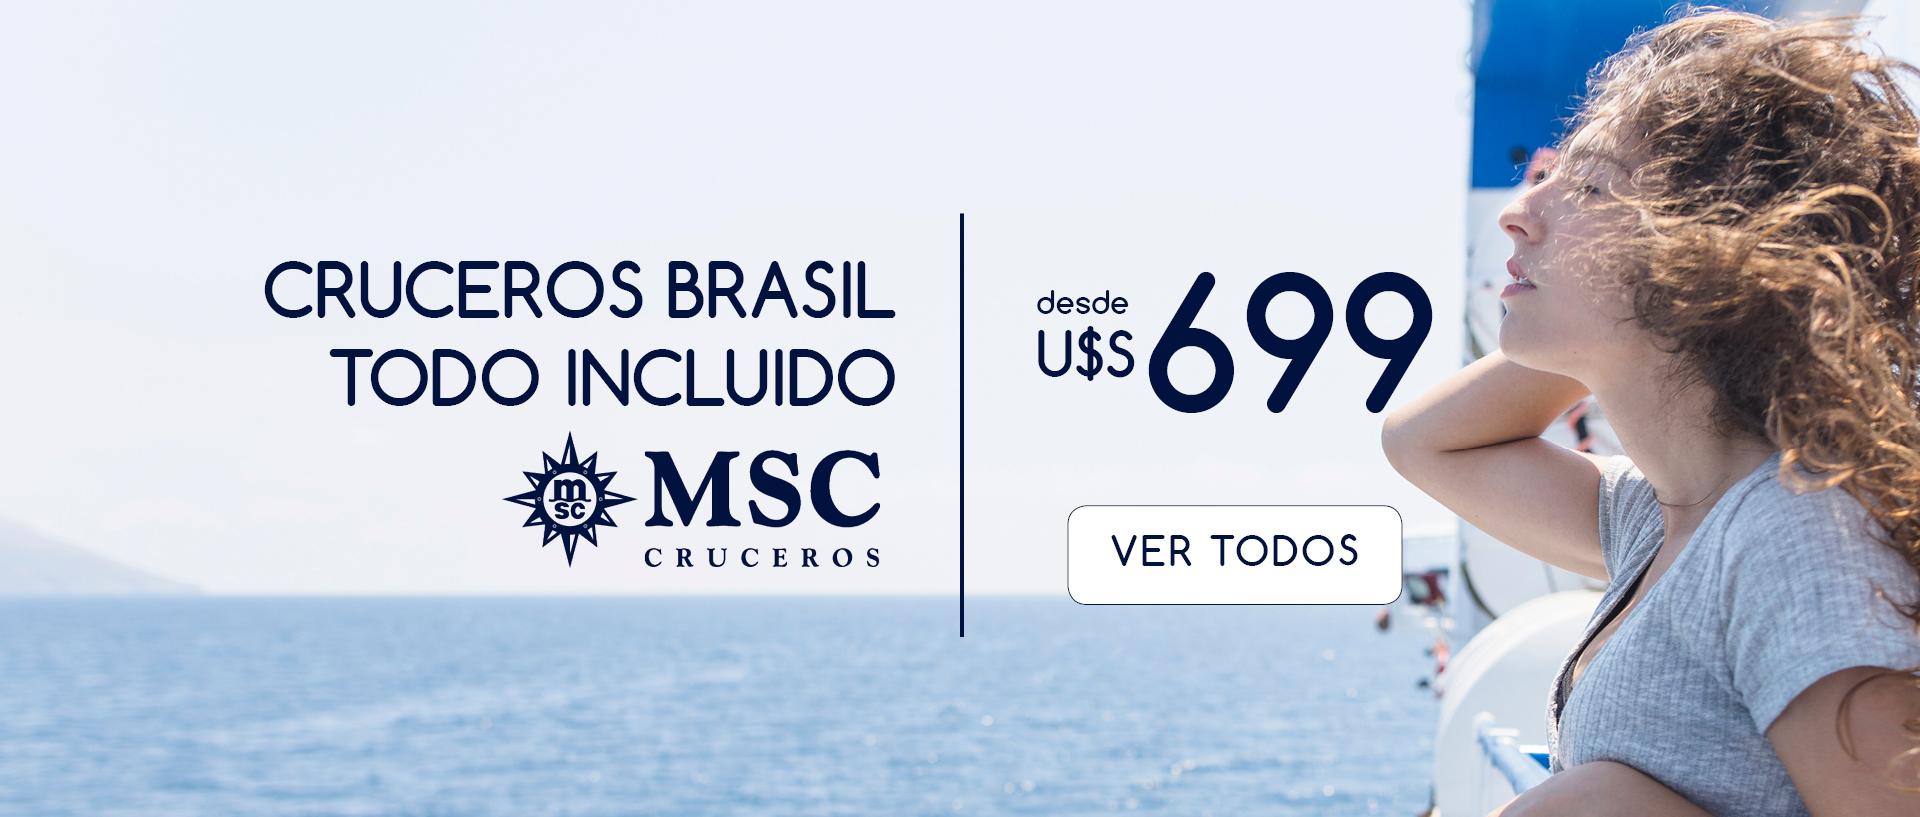 Crucero MSC Brasil